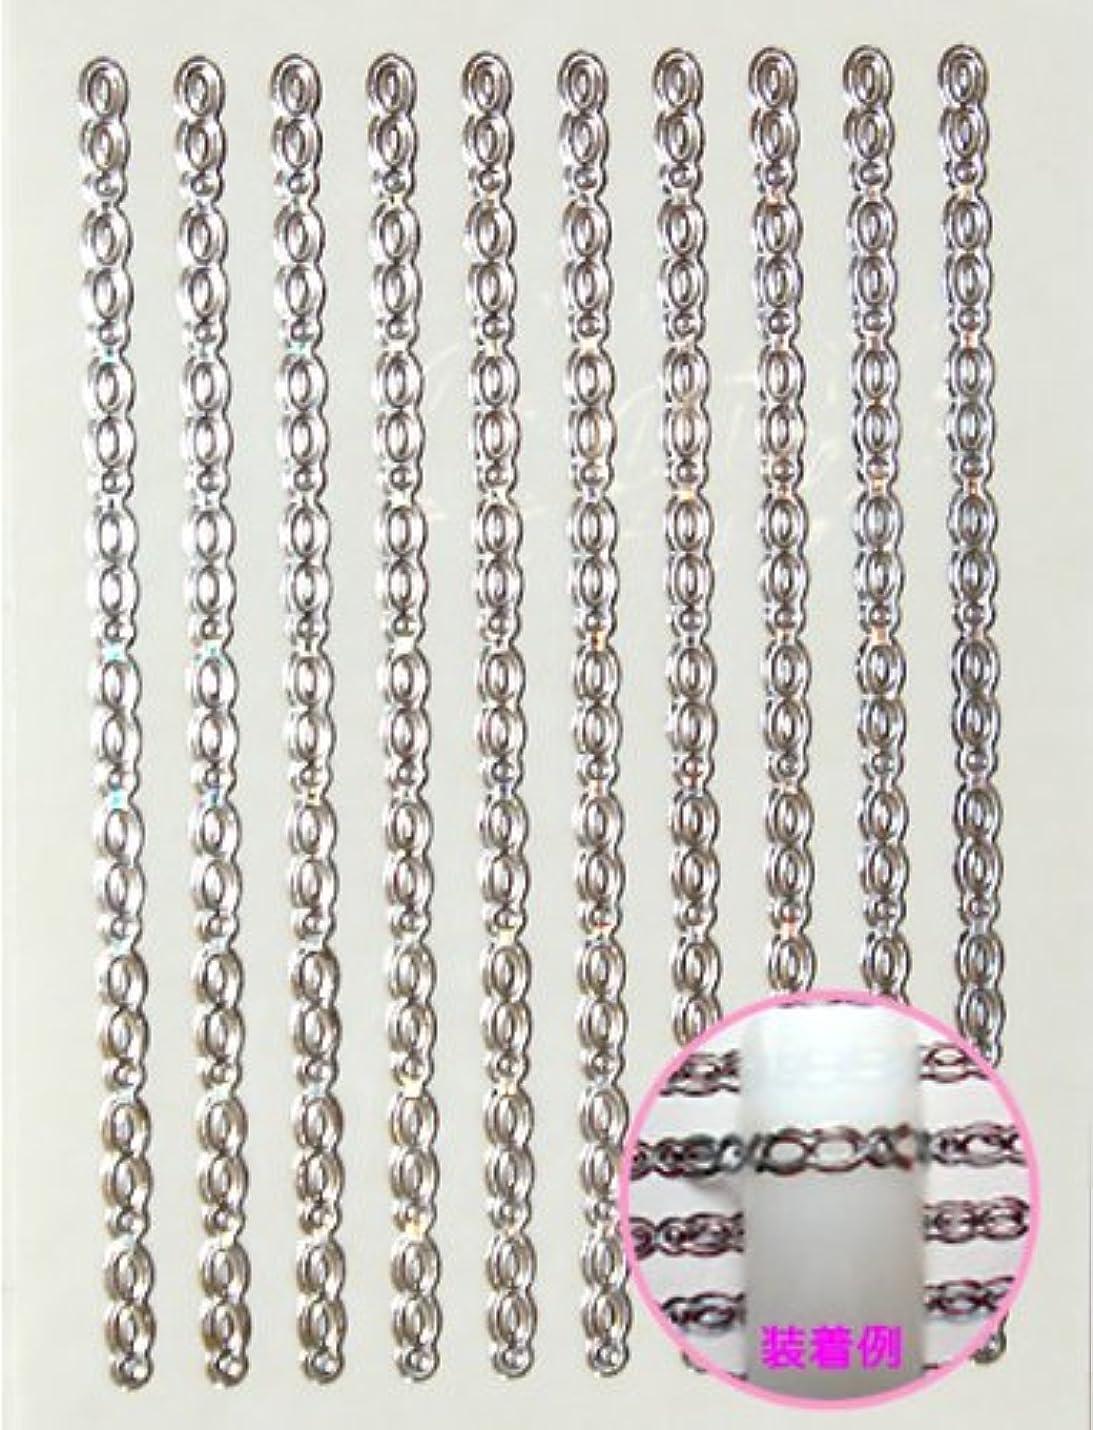 バンケット系統的定期的なネイルシール メタルパーツのようなネイルシール チェーンシルバー [#3]ネイルアート 貼るだけアート